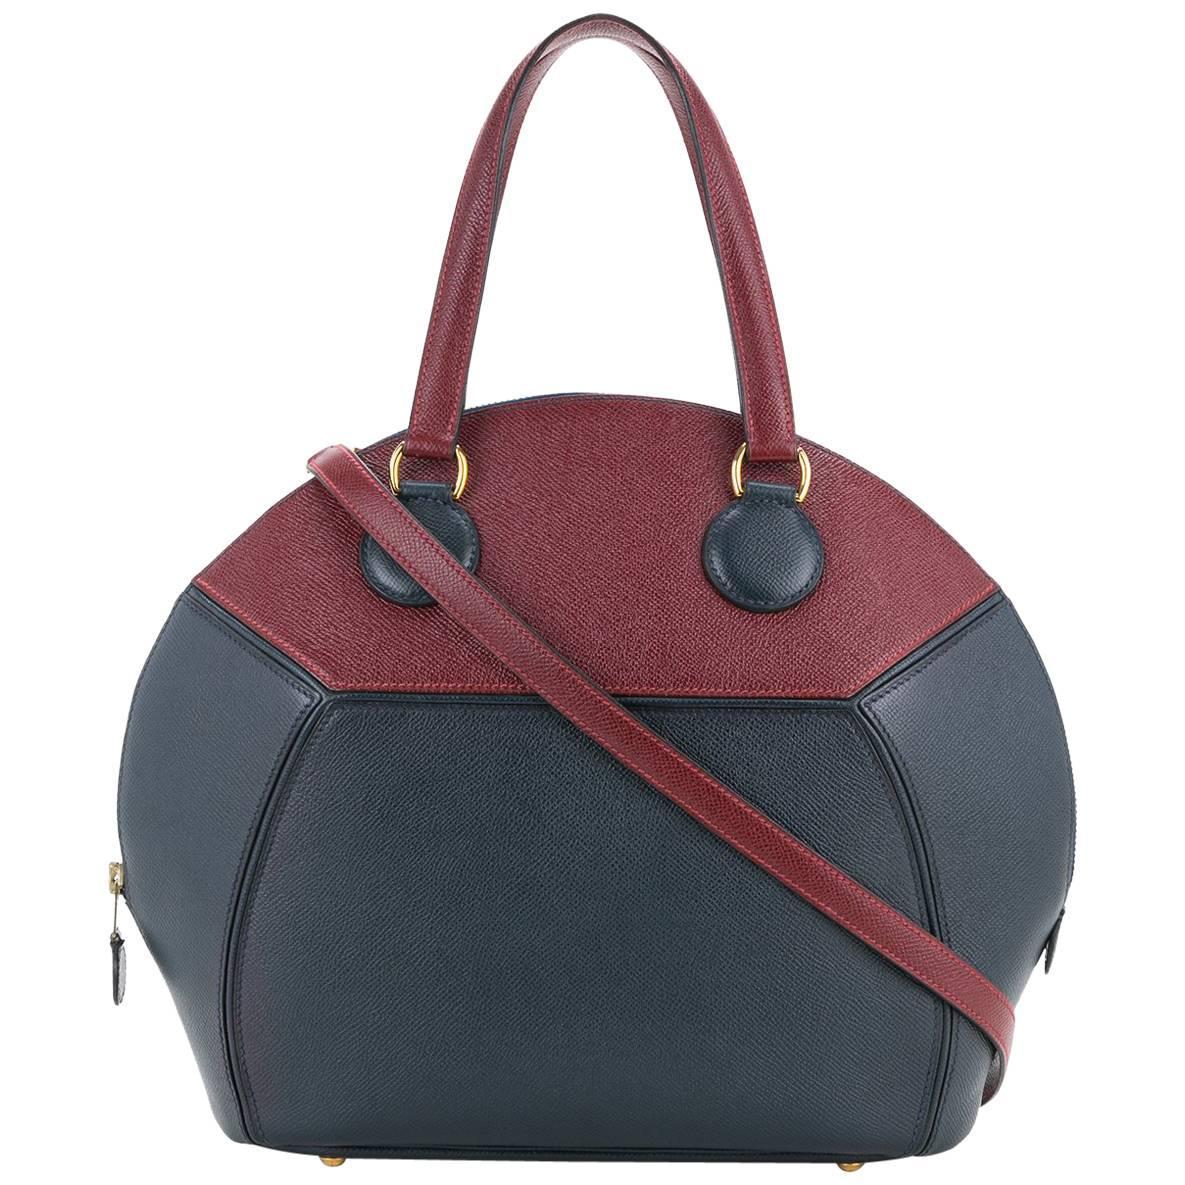 Hermes Leather Top Handle Satchel Bowling Shoulder Bag